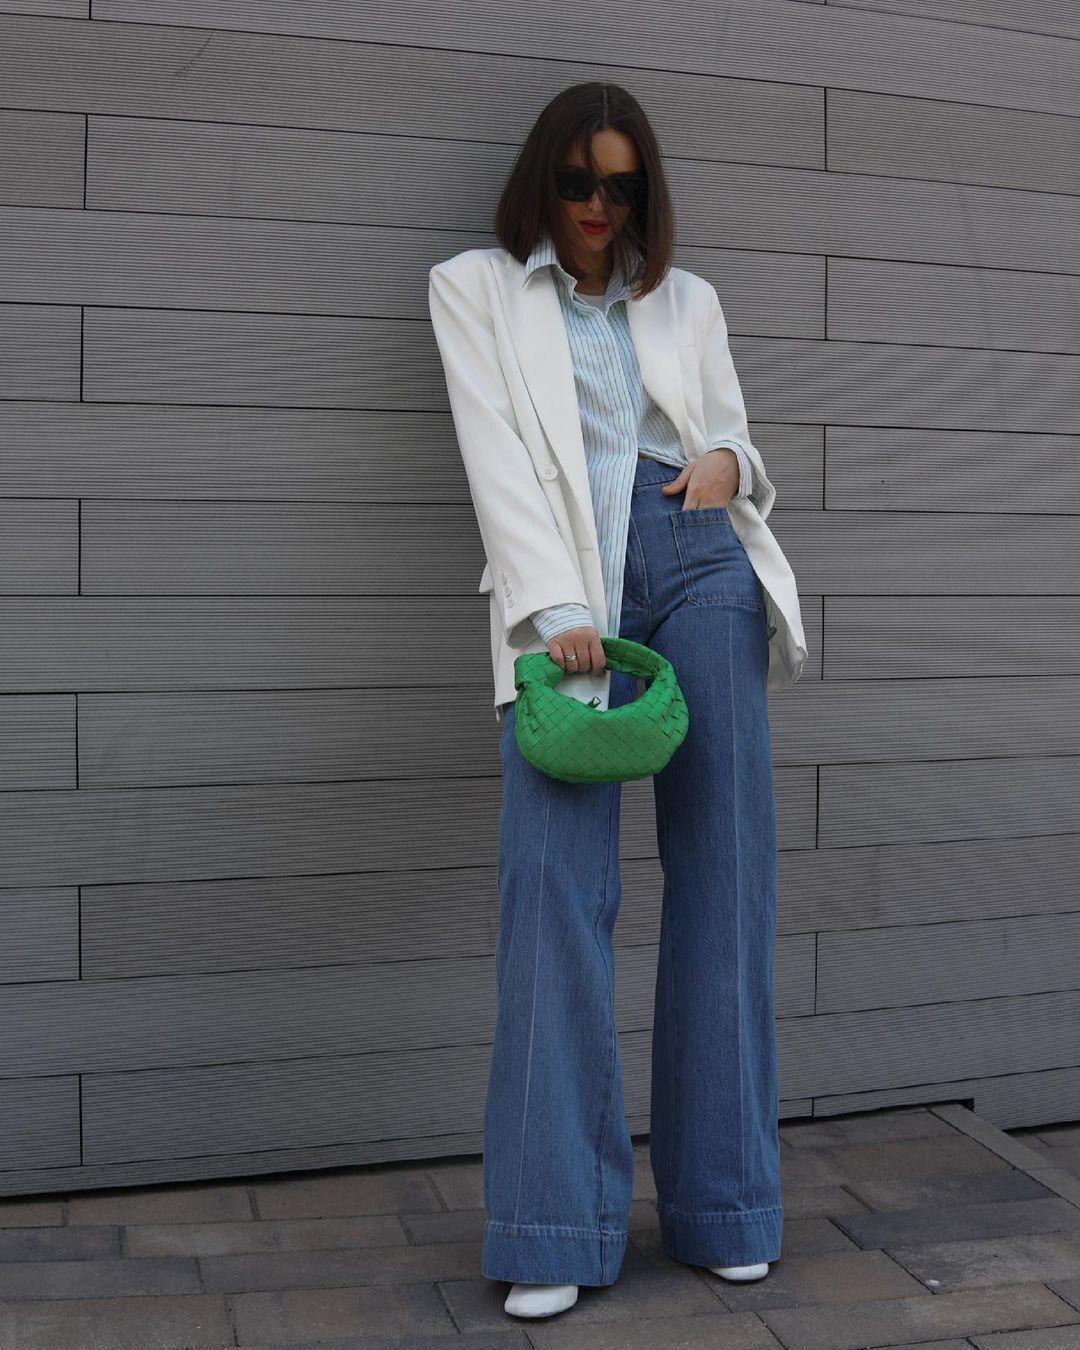 Трендовые джинсы этим летом можно подобрать на любой вкус и фигуру